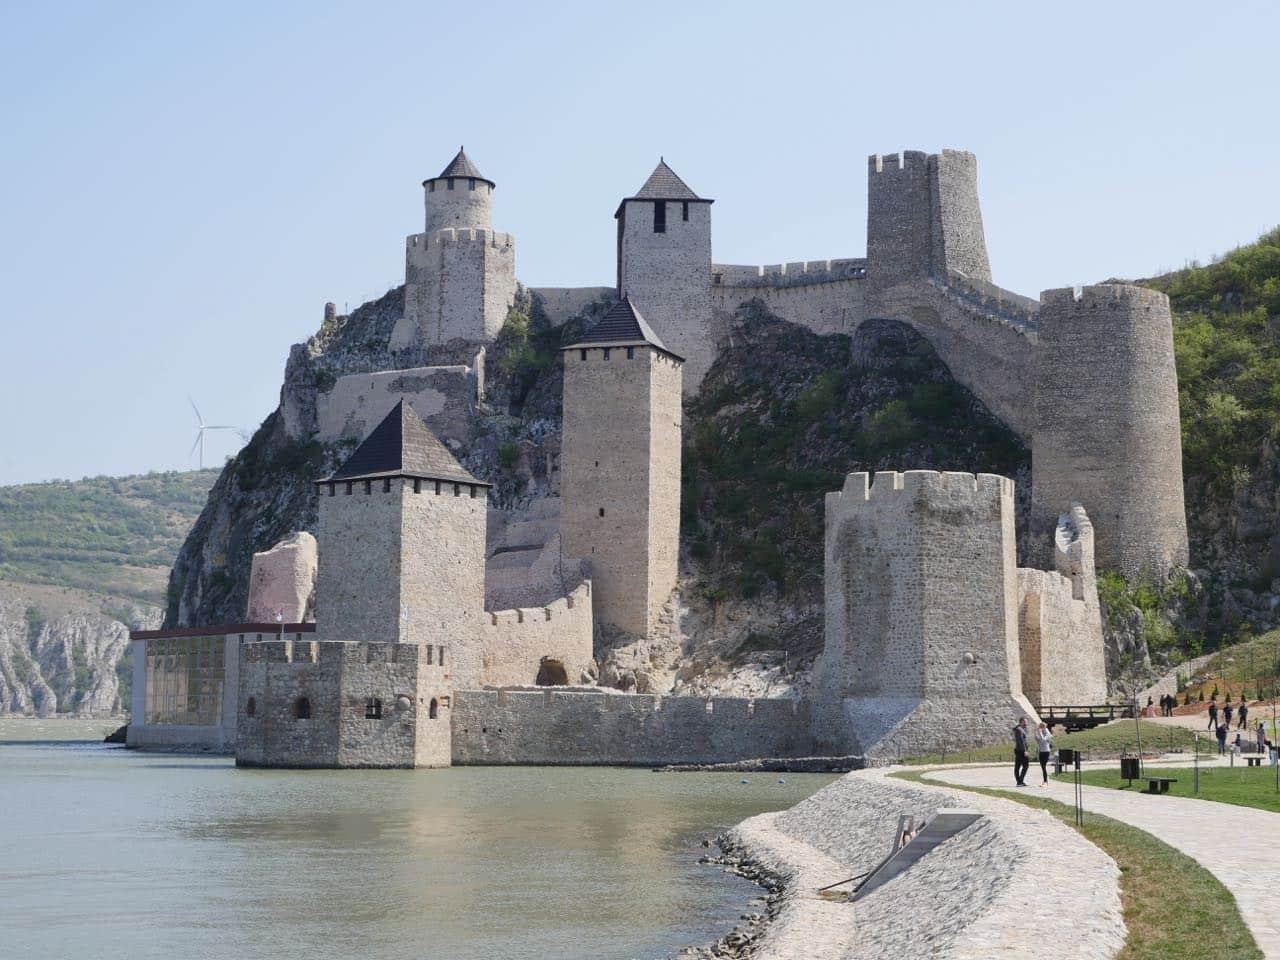 قلعه گلوباک در بلگراد زیبای سنگی رود دانوب